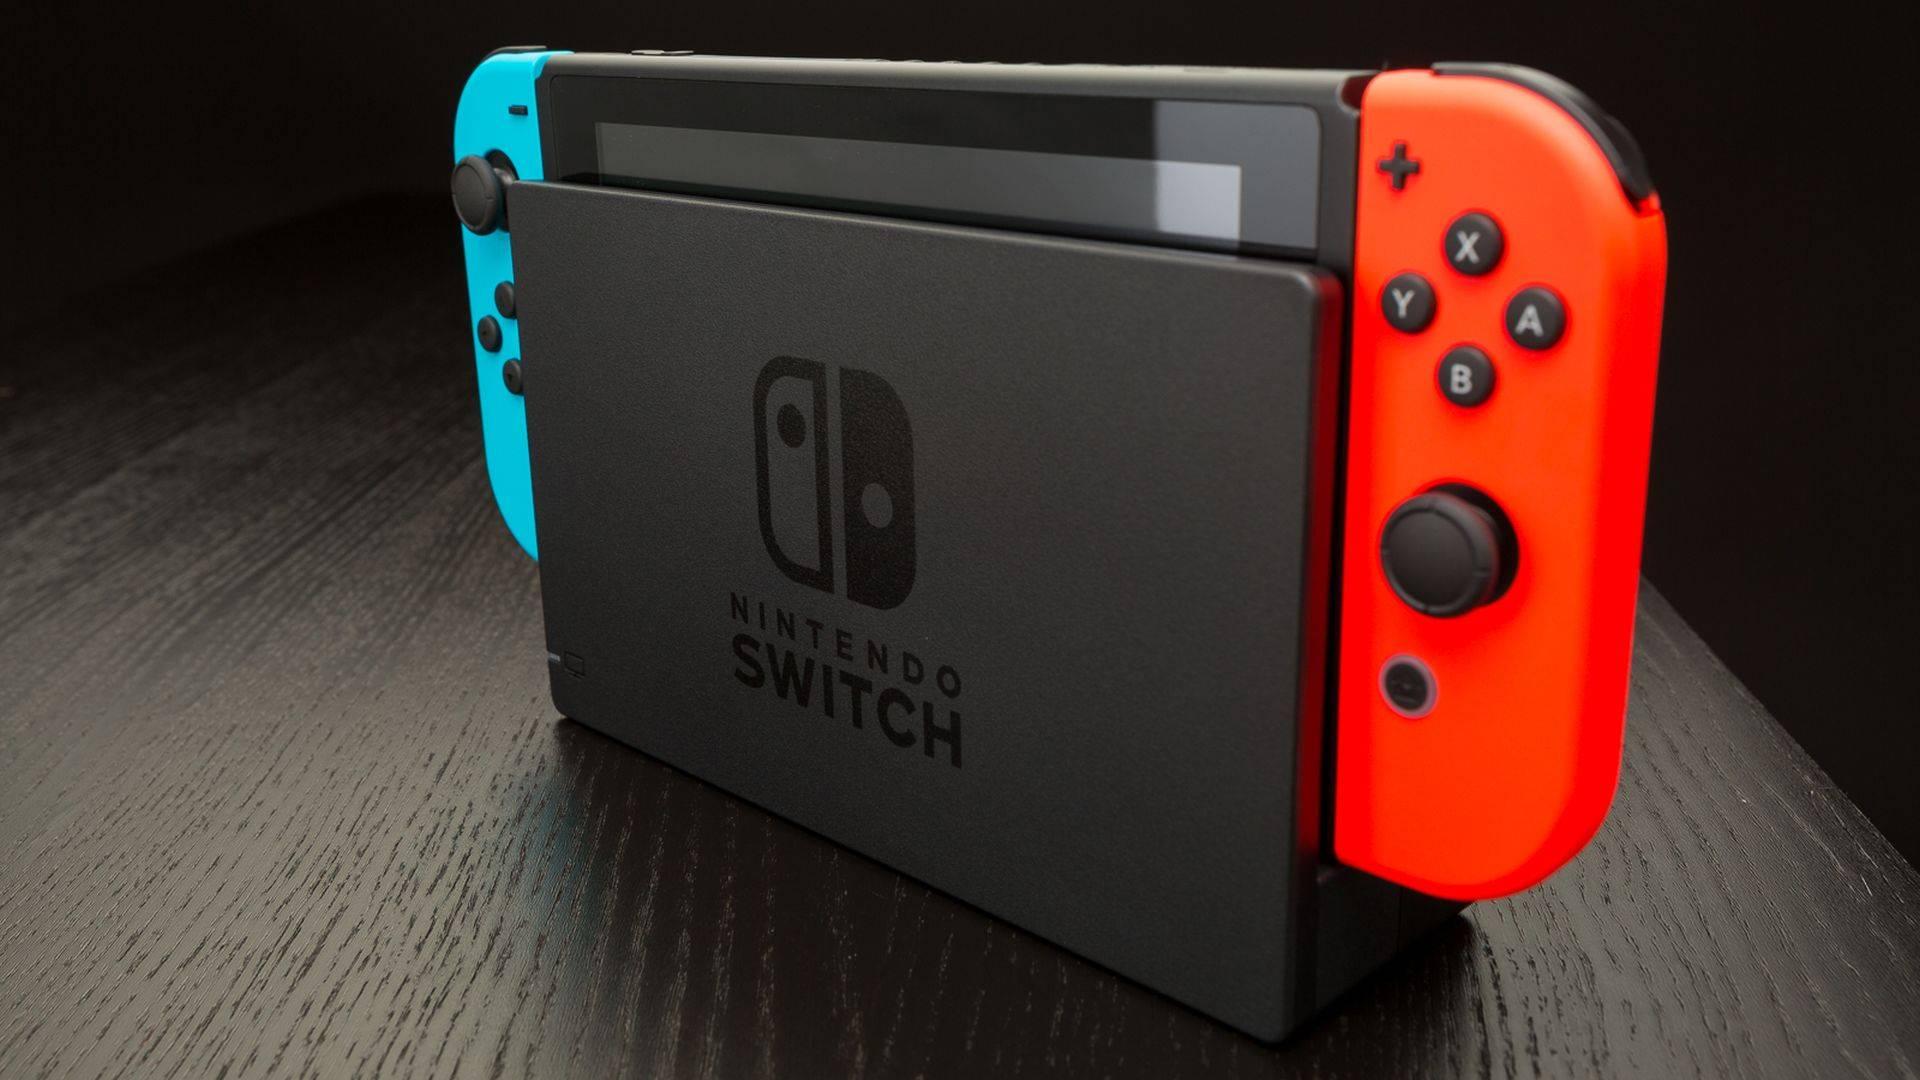 Un Nouveau Commutateur Nintendo Arriverait Avec Le Dlss 2.0 De